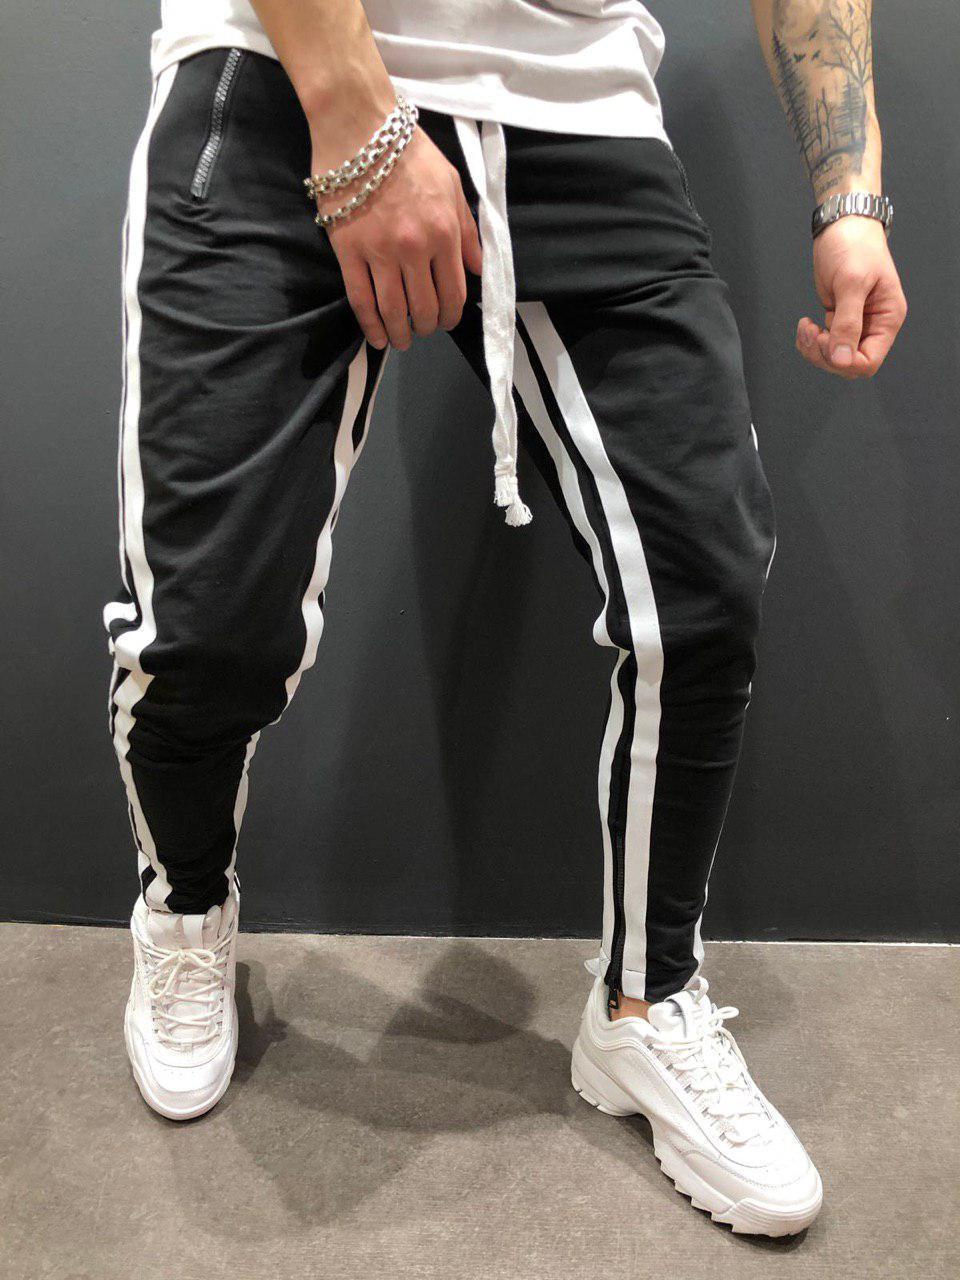 Мужские брюки для отдыха, бодибилдинга, с разрезом, на молнии, для ног, для движения, брюки для бега, спортивные штаны - Цвет: Black and white